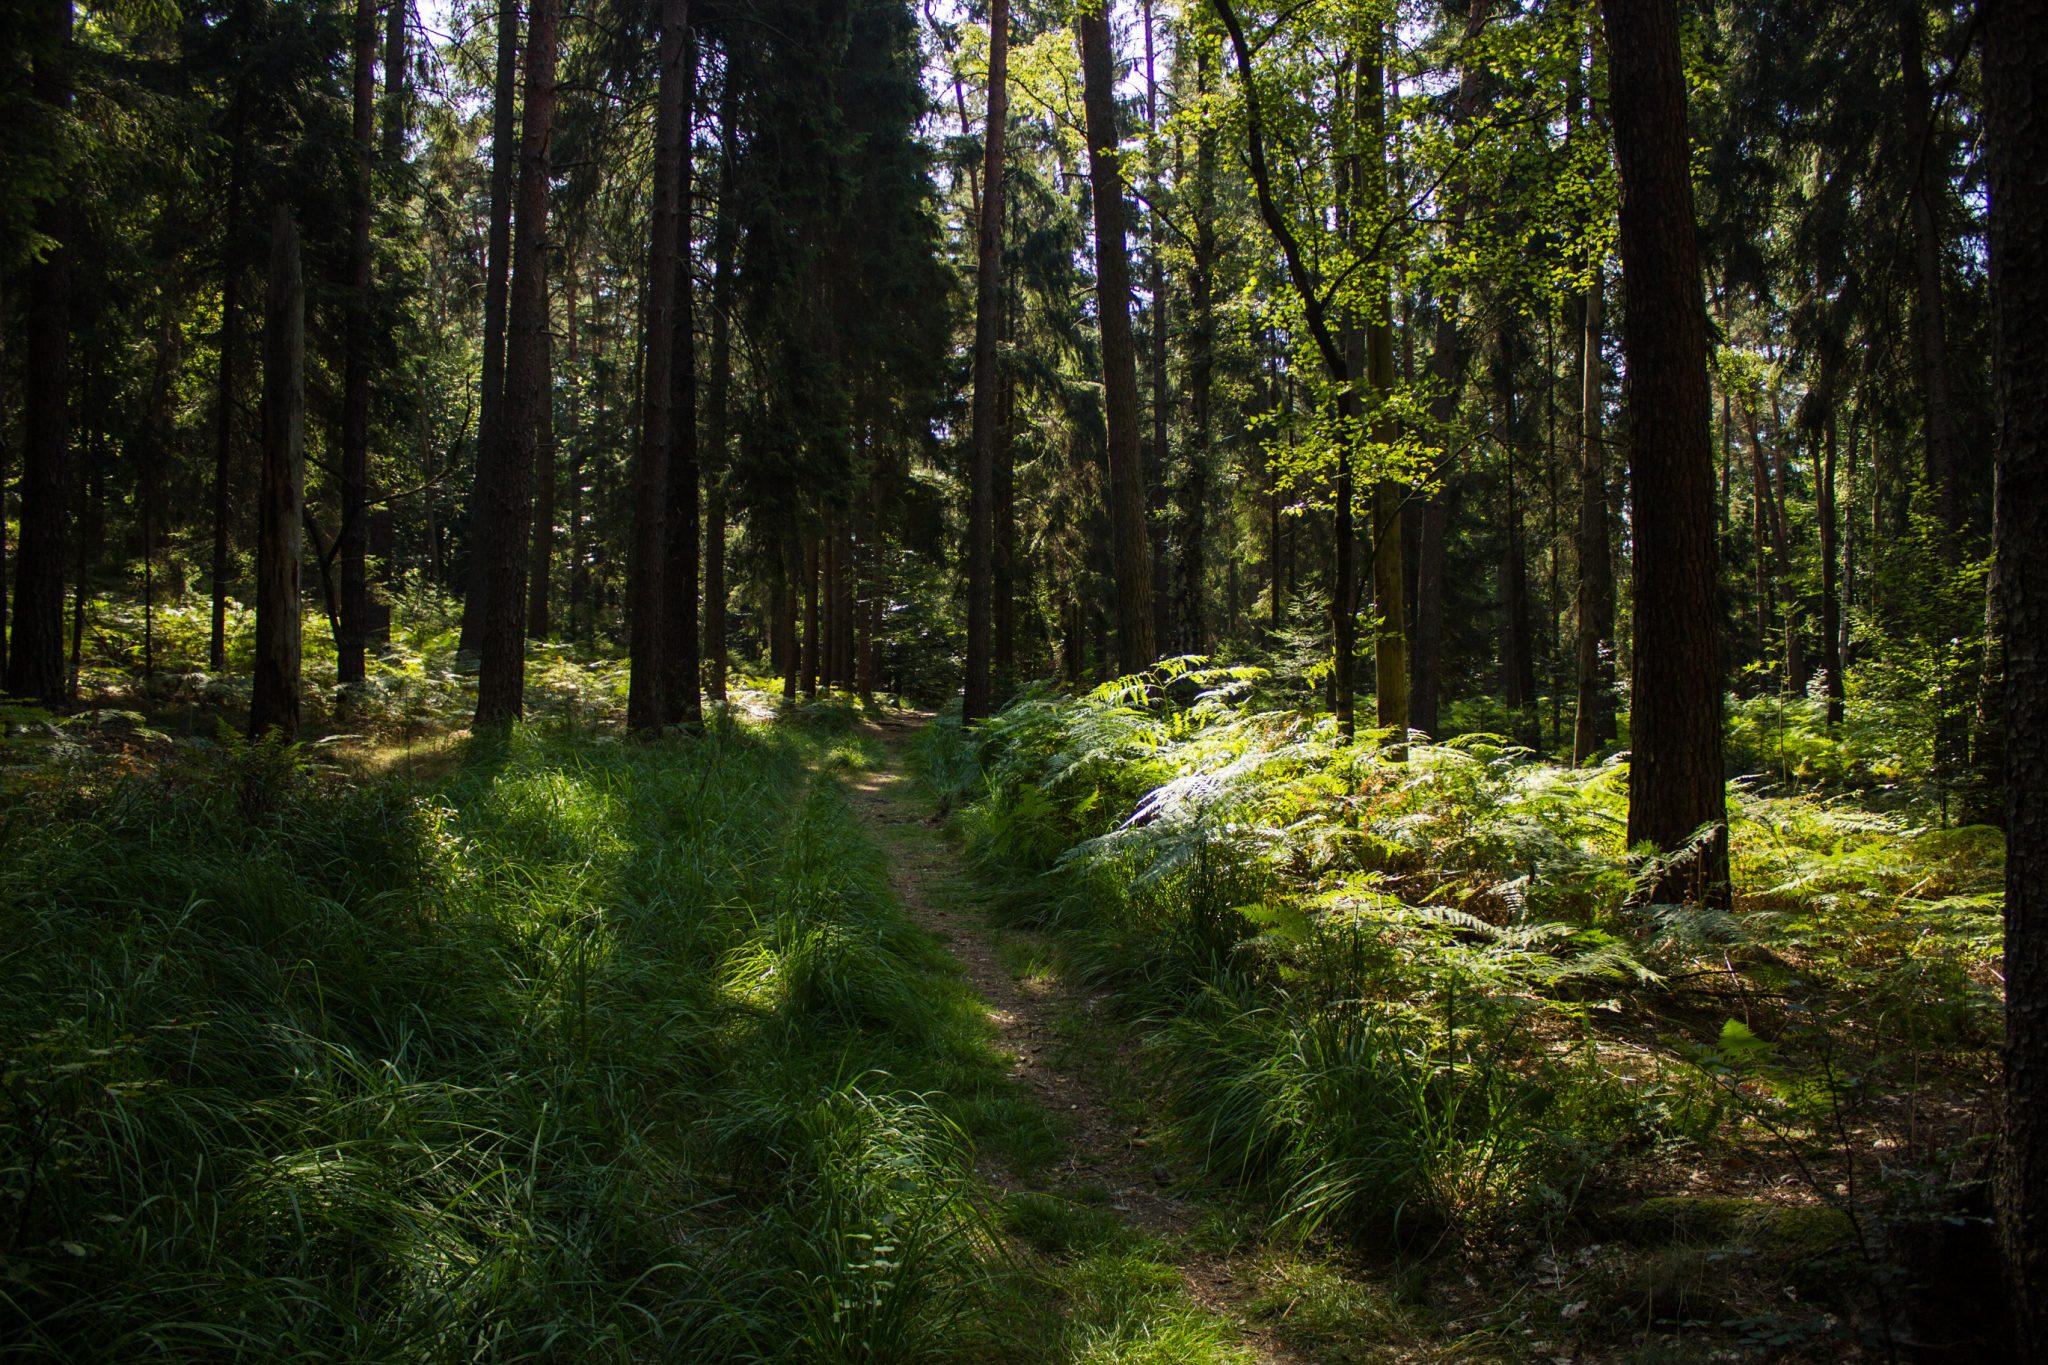 Hohe Liebe Schrammsteine Carolafelsen, Wanderweg im Wanderparadies Sächsische Schweiz mit vielen tollen Aussichten, riesiger Felsennationalpark, schmaler Pfad im schönen saftig grünen Wald